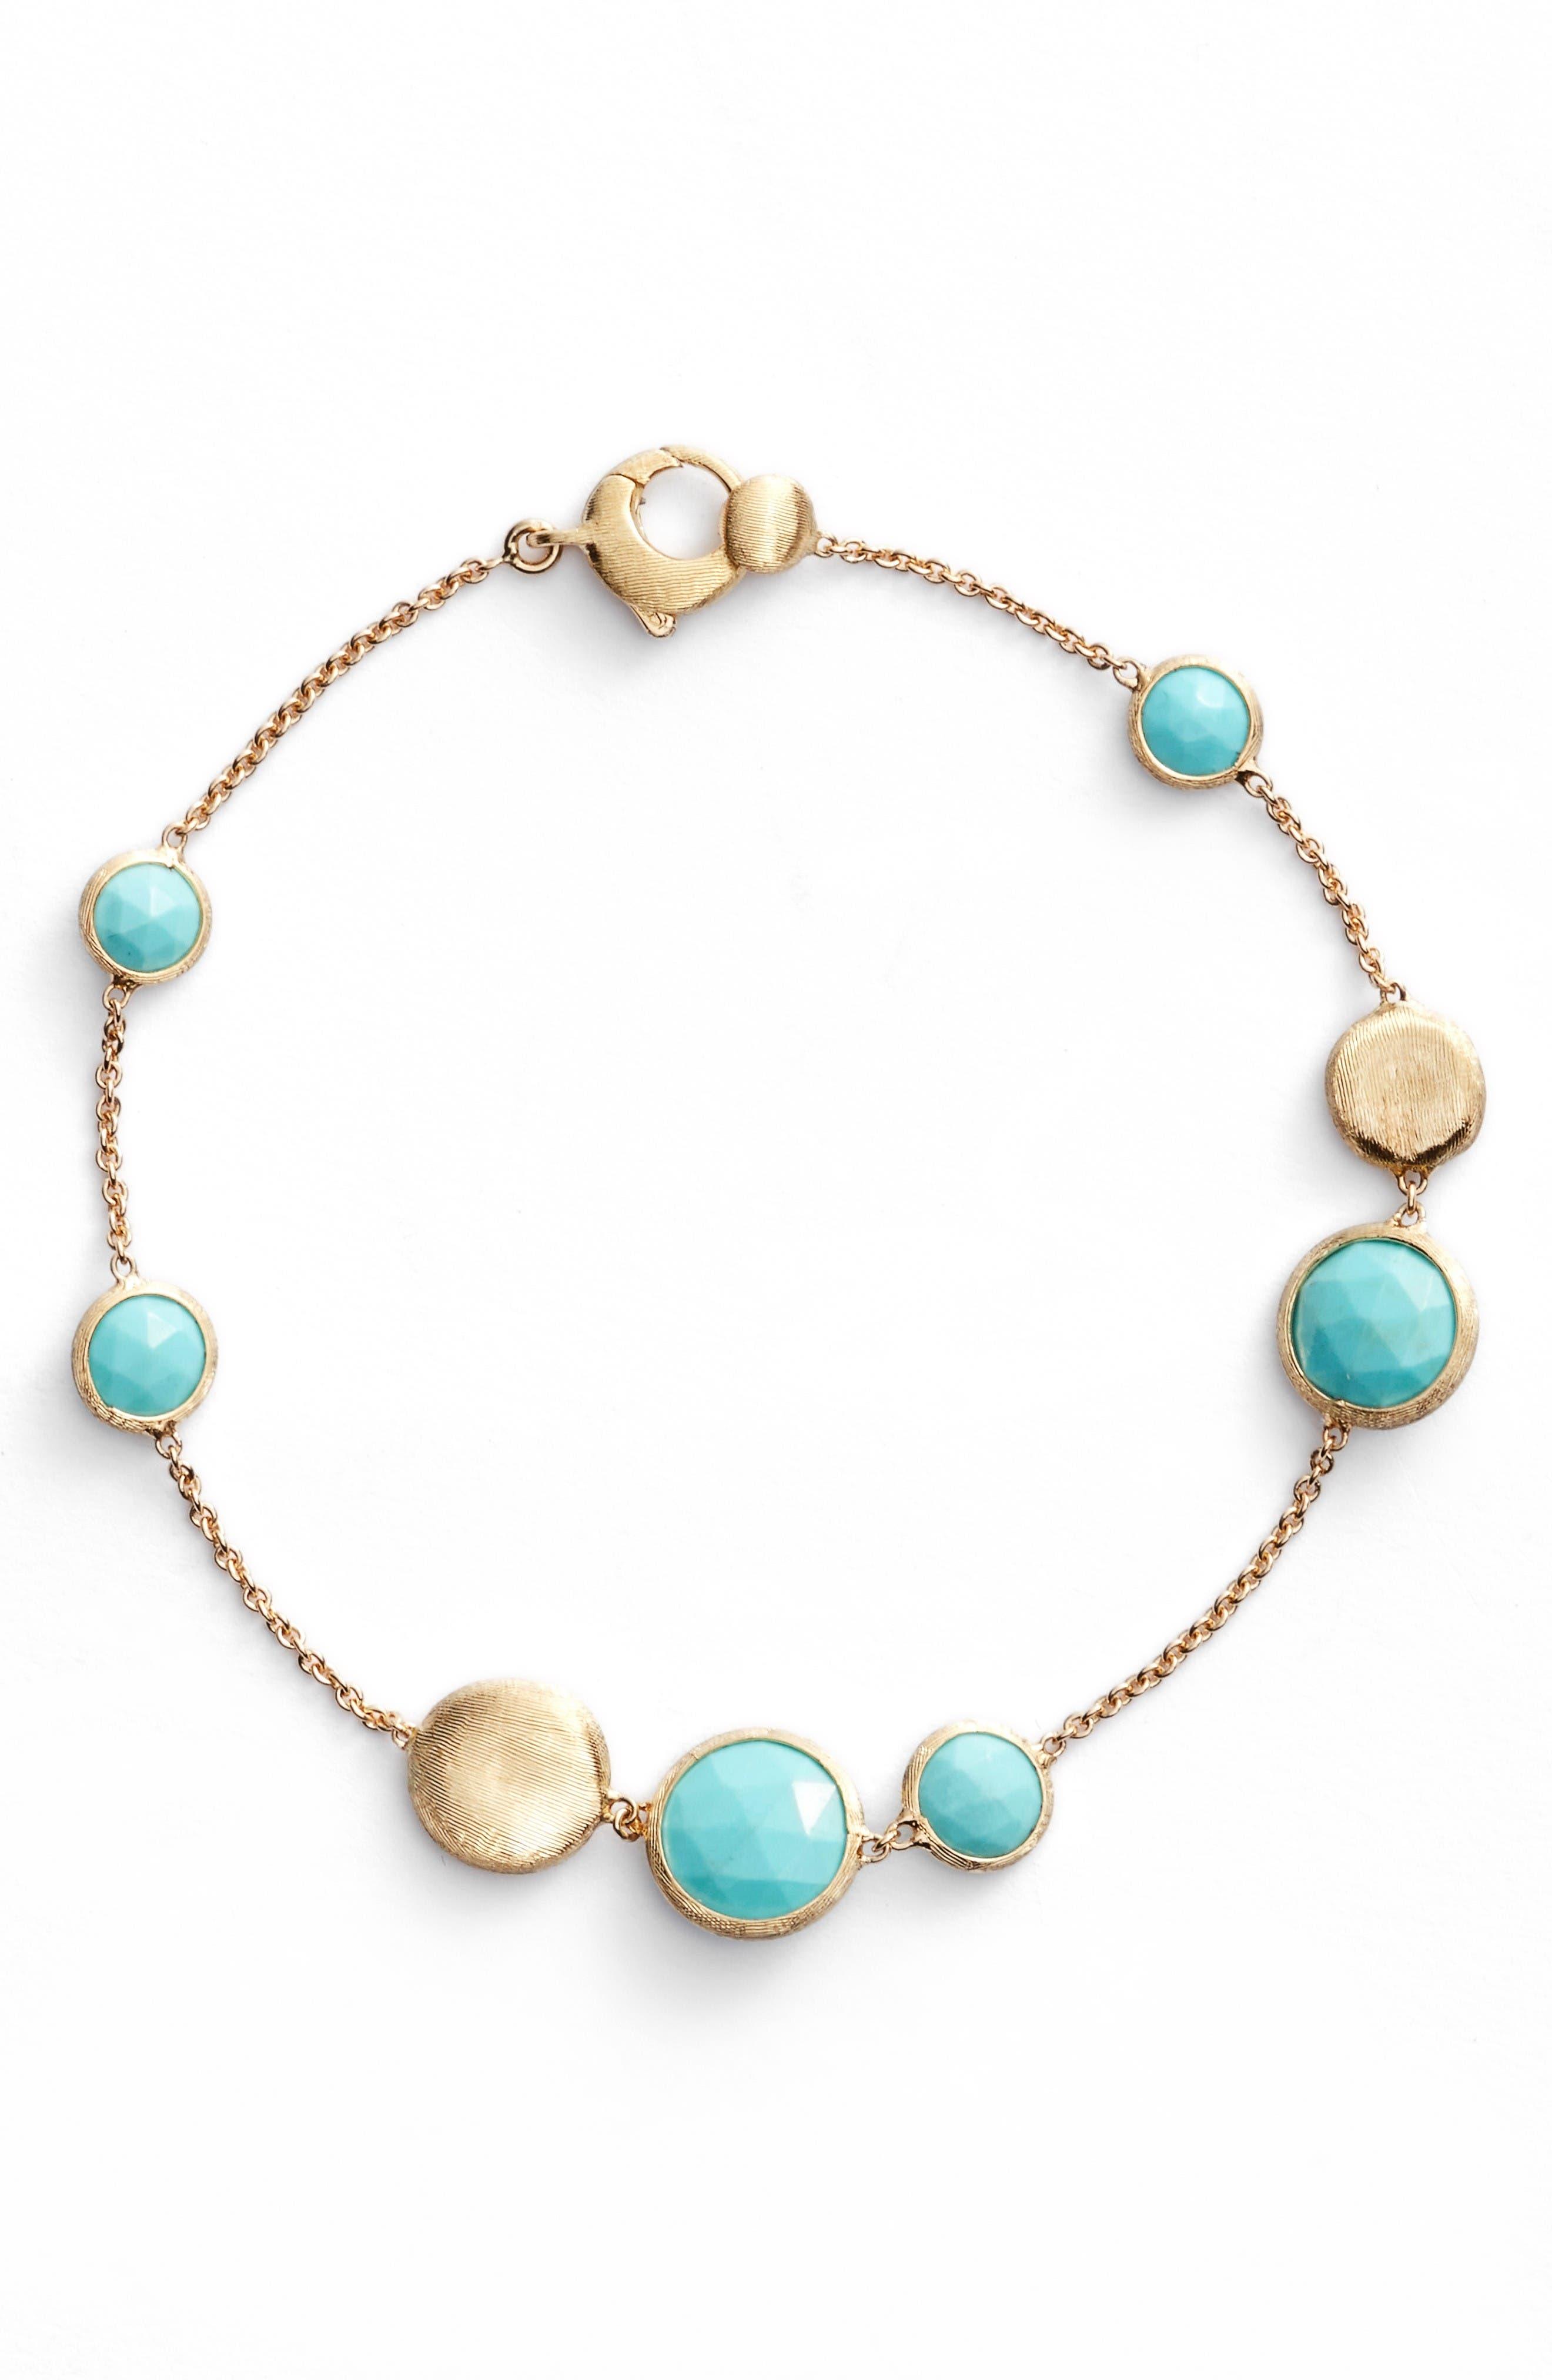 Marco Bicego Jaipur Turquoise Bracelet